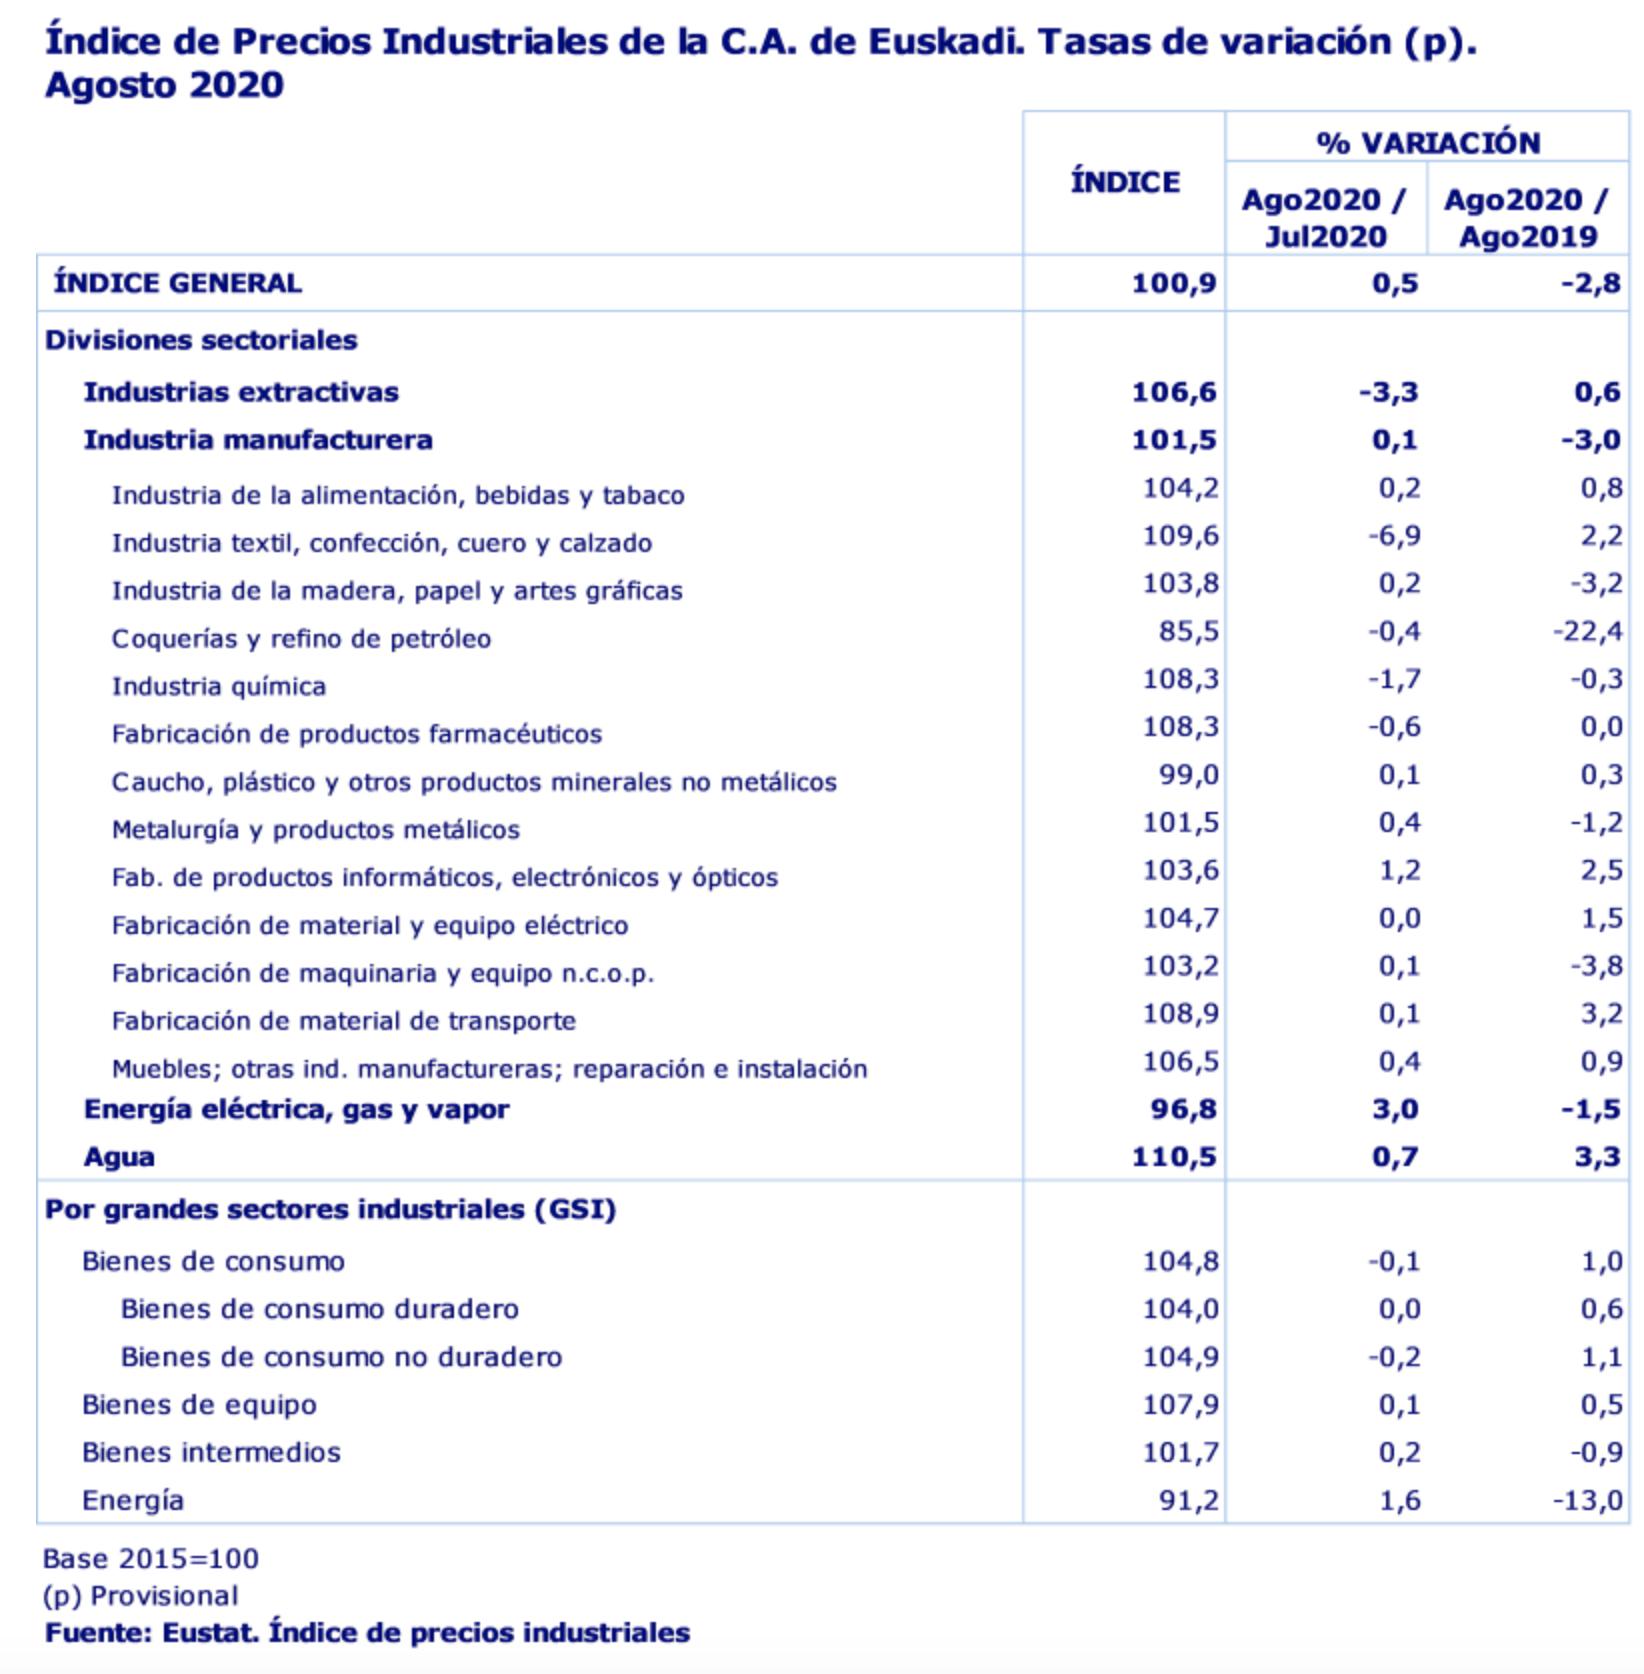 Los precios industriales en País Vasco ascendieron un 0,5% en el mes de agosto de 2020 respecto al mes anterior 2